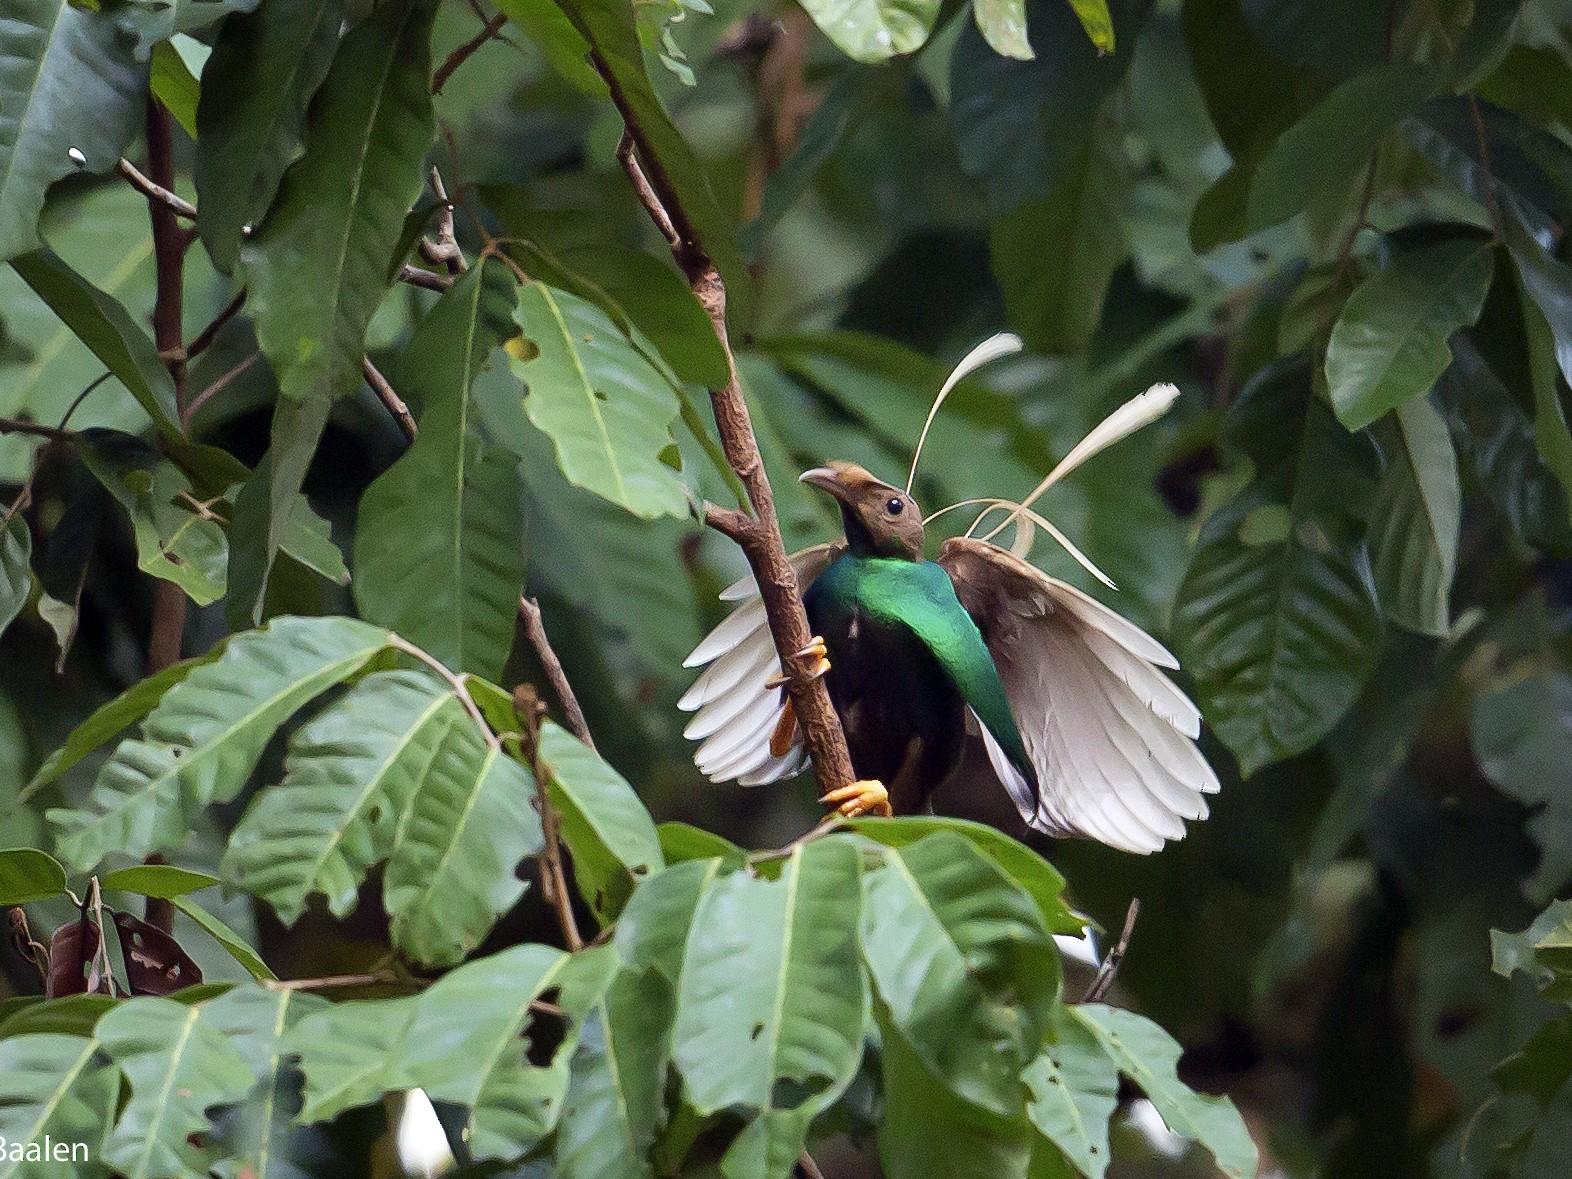 Standardwing Bird-of-Paradise - Jieles van Baalen